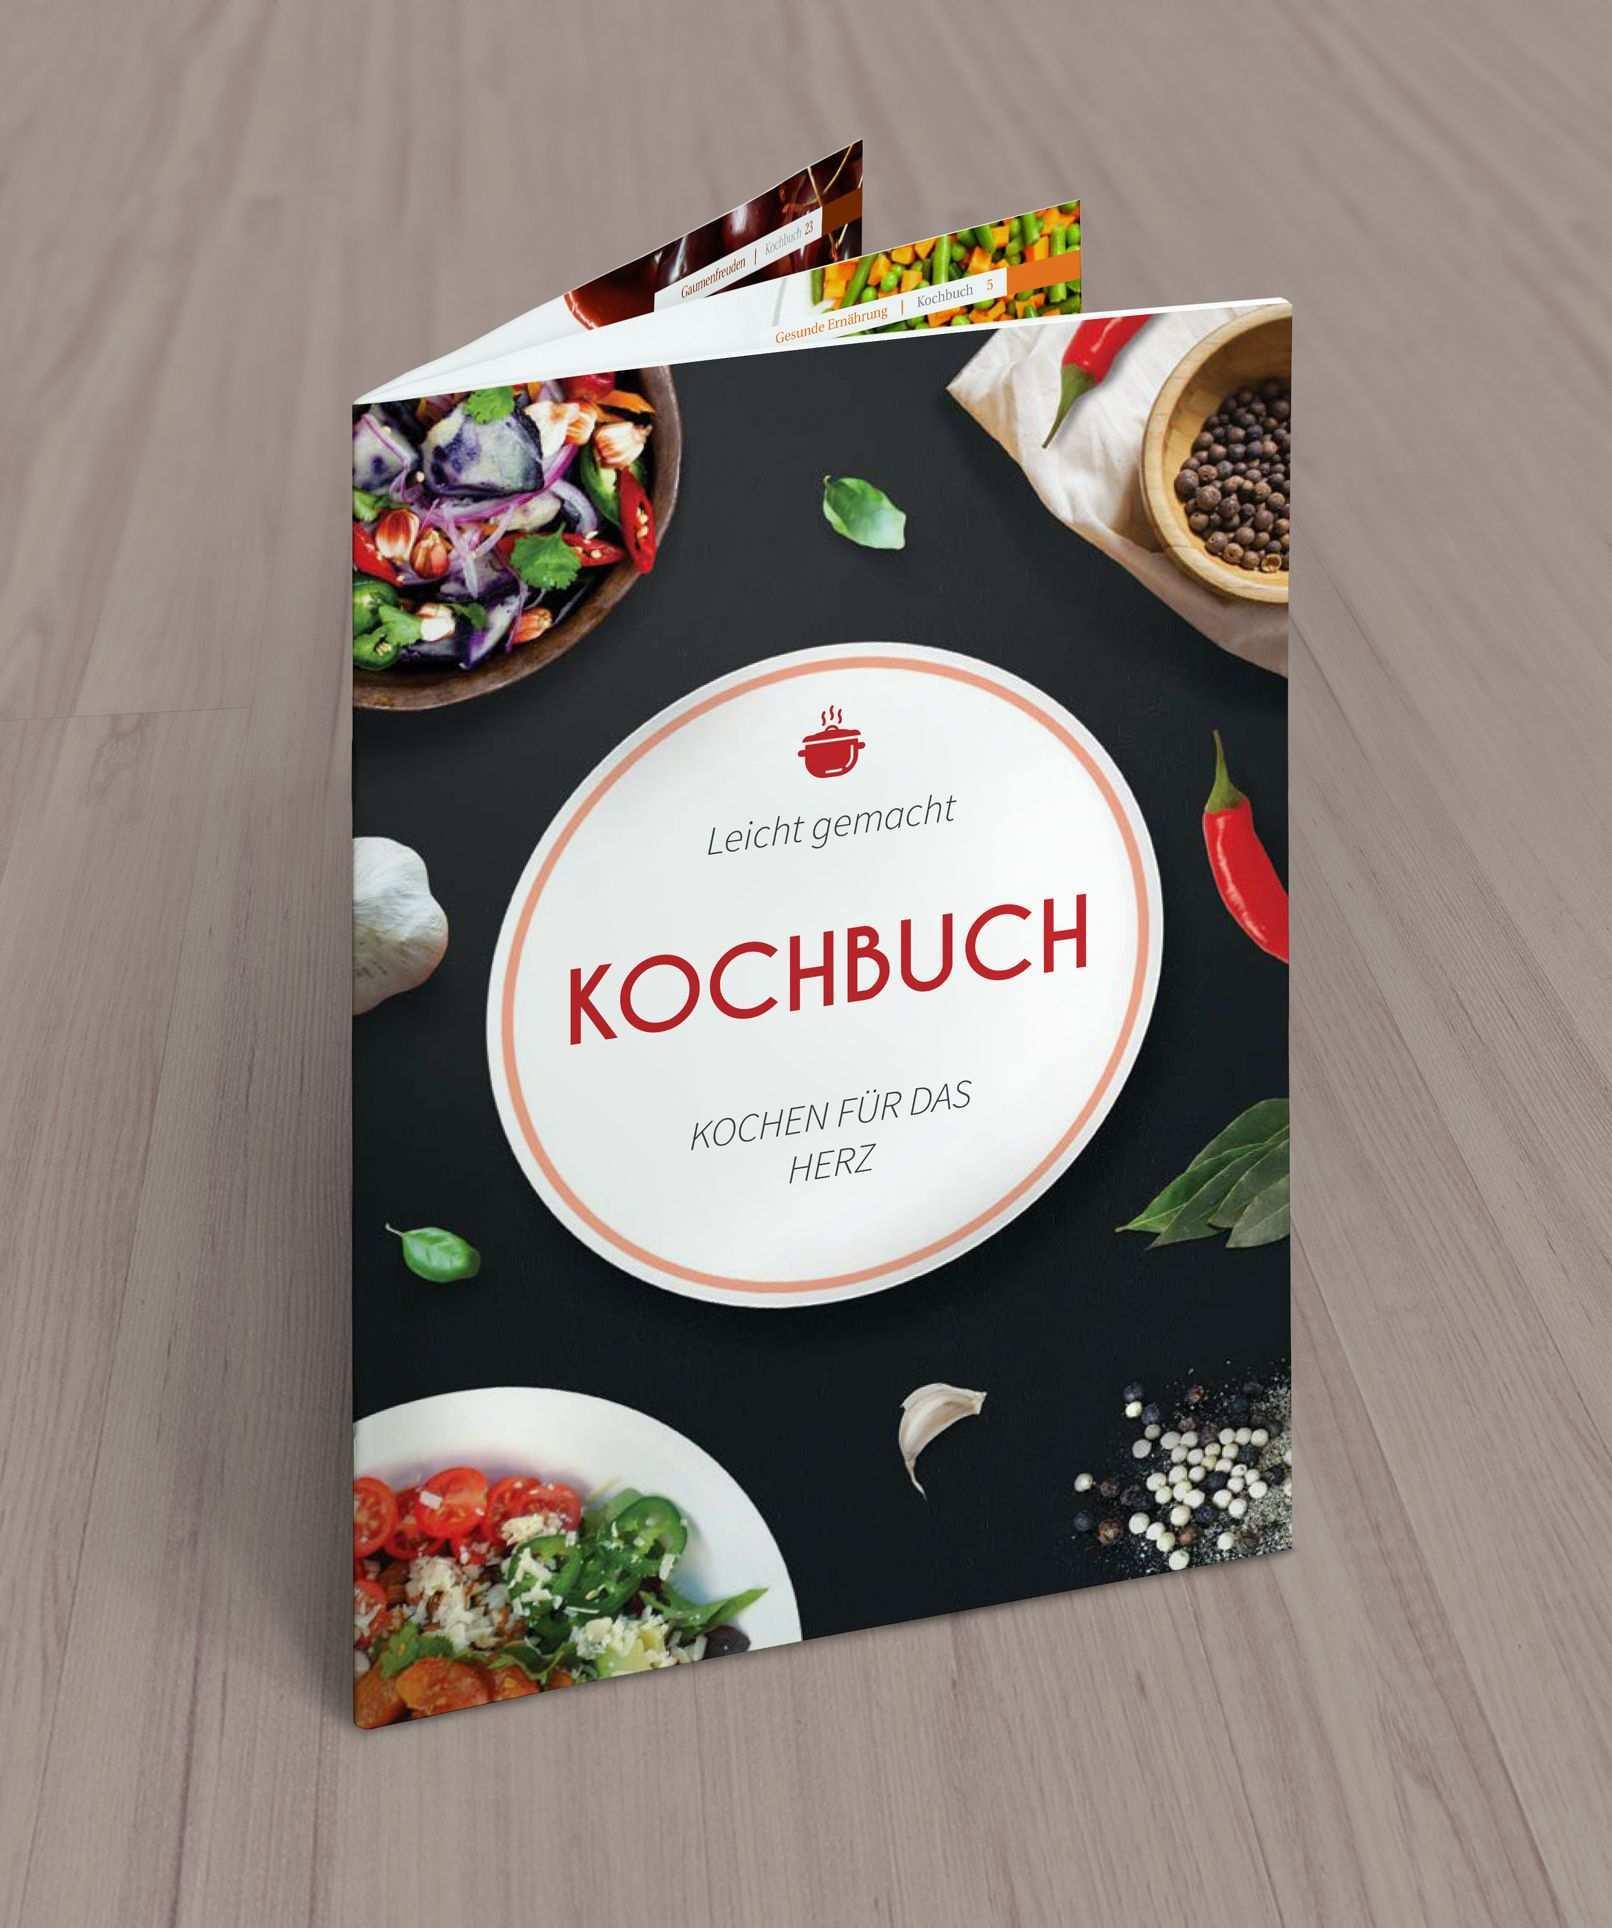 Kochbuch Und Rezeptbuch Vorlage Designs Layouts Fur Indesign Kochbuch Selbst Gestalten Kochbuch Kochbuch Selbst Gestalten Vorlage